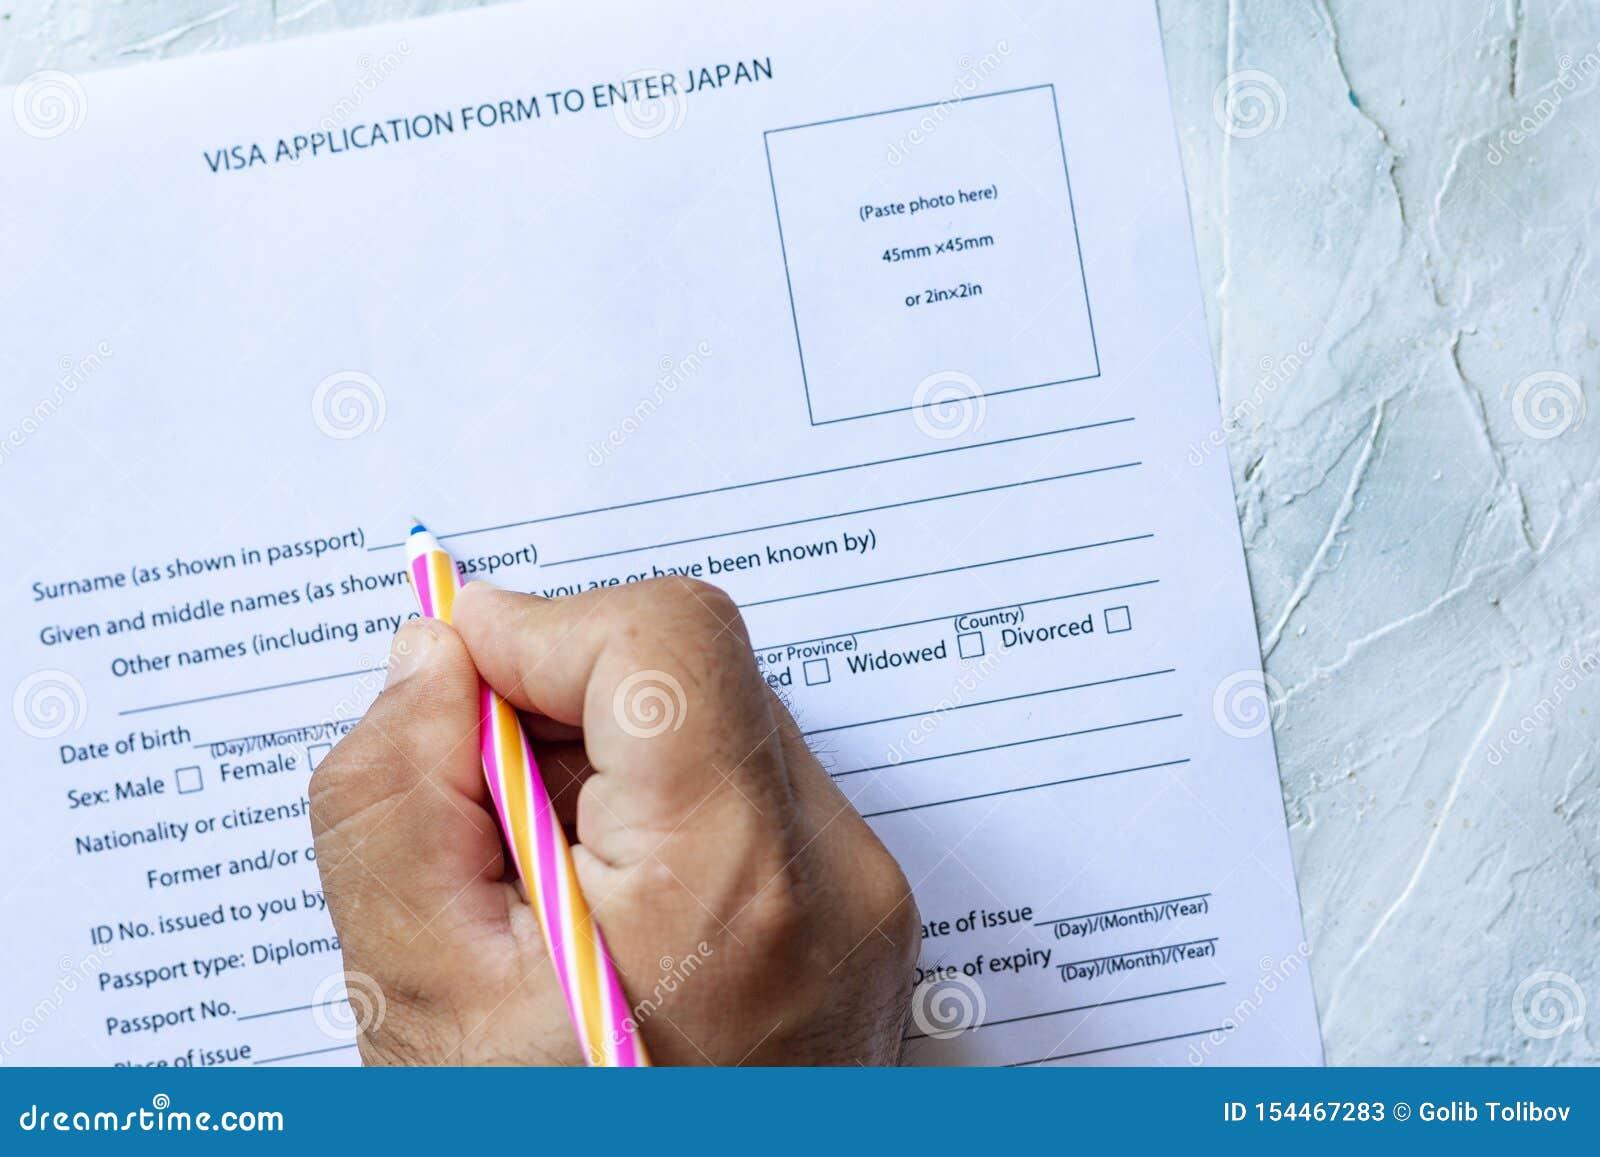 Hand Filling Japan Visa Application Form Stock Image Image Of Foreign Emigration 154467283